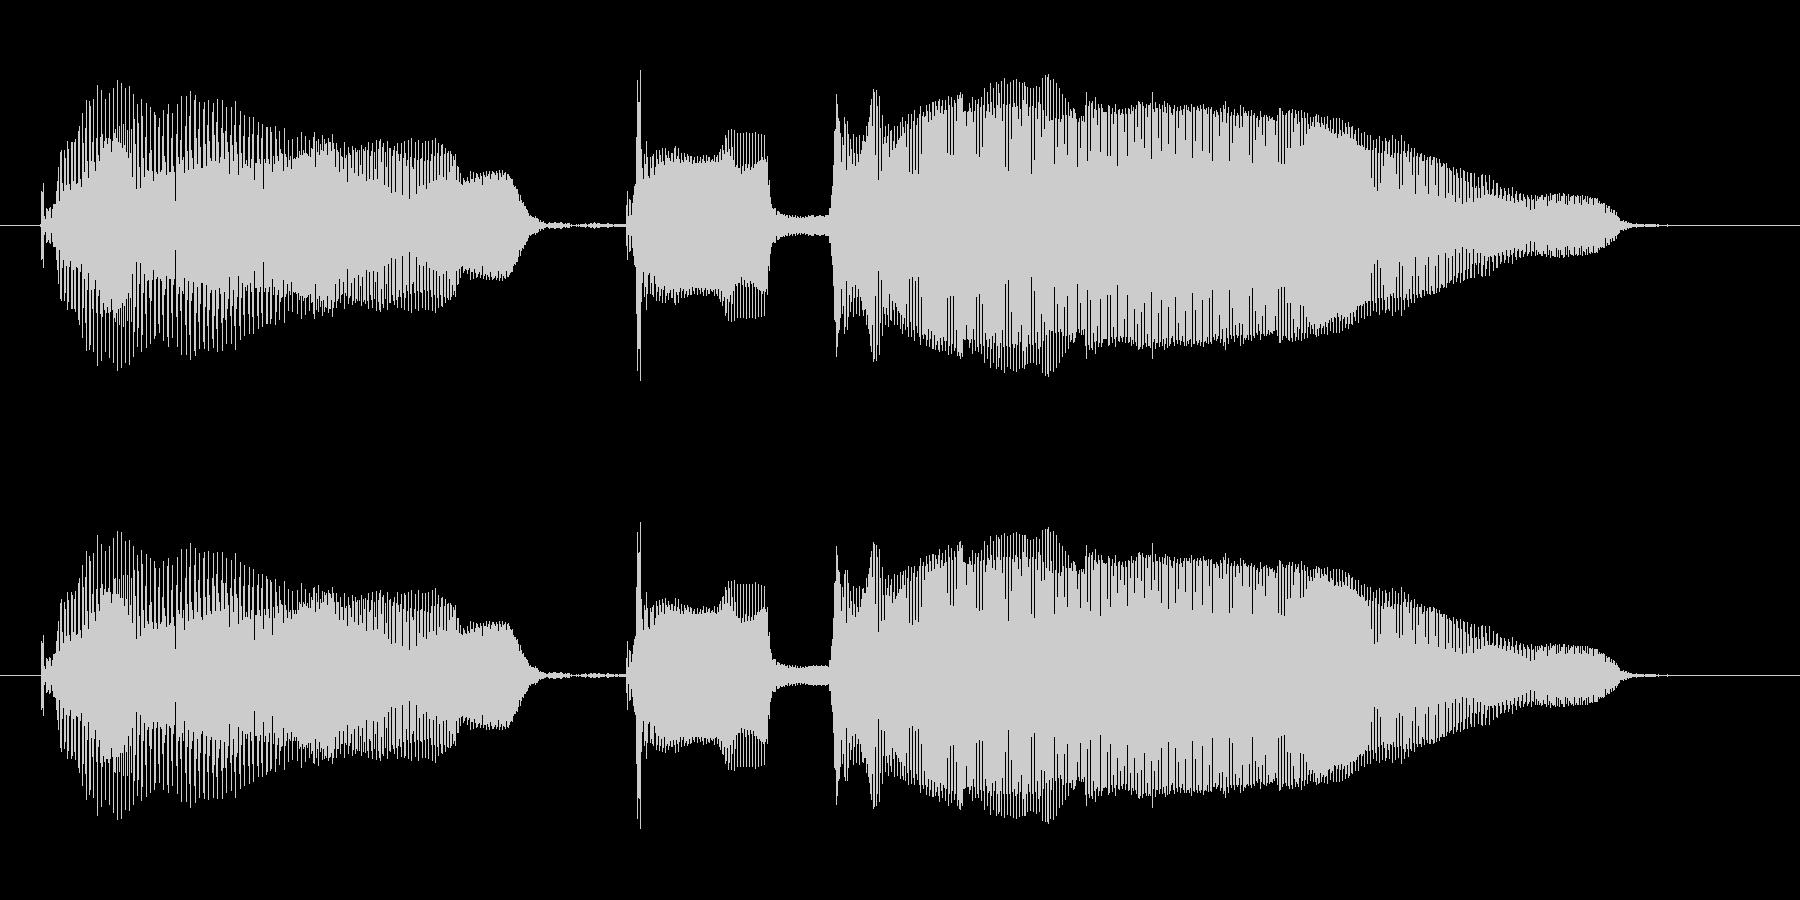 カウントダウン の未再生の波形